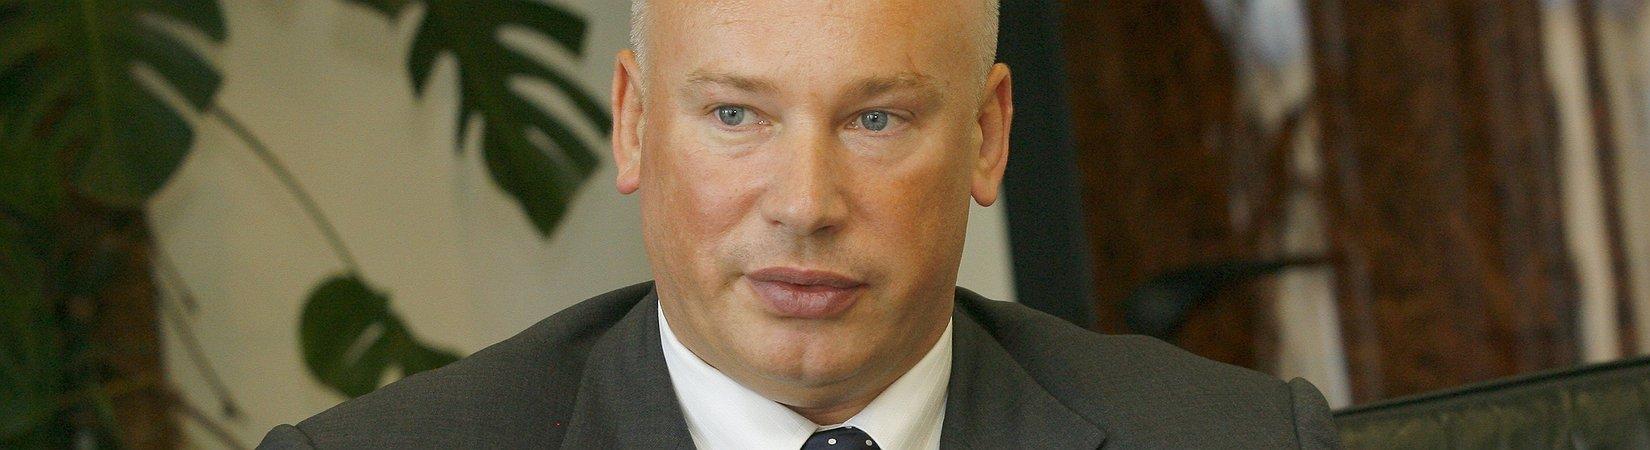 Finstar и Олег Бойко делают акцент на инвестициях в финтех